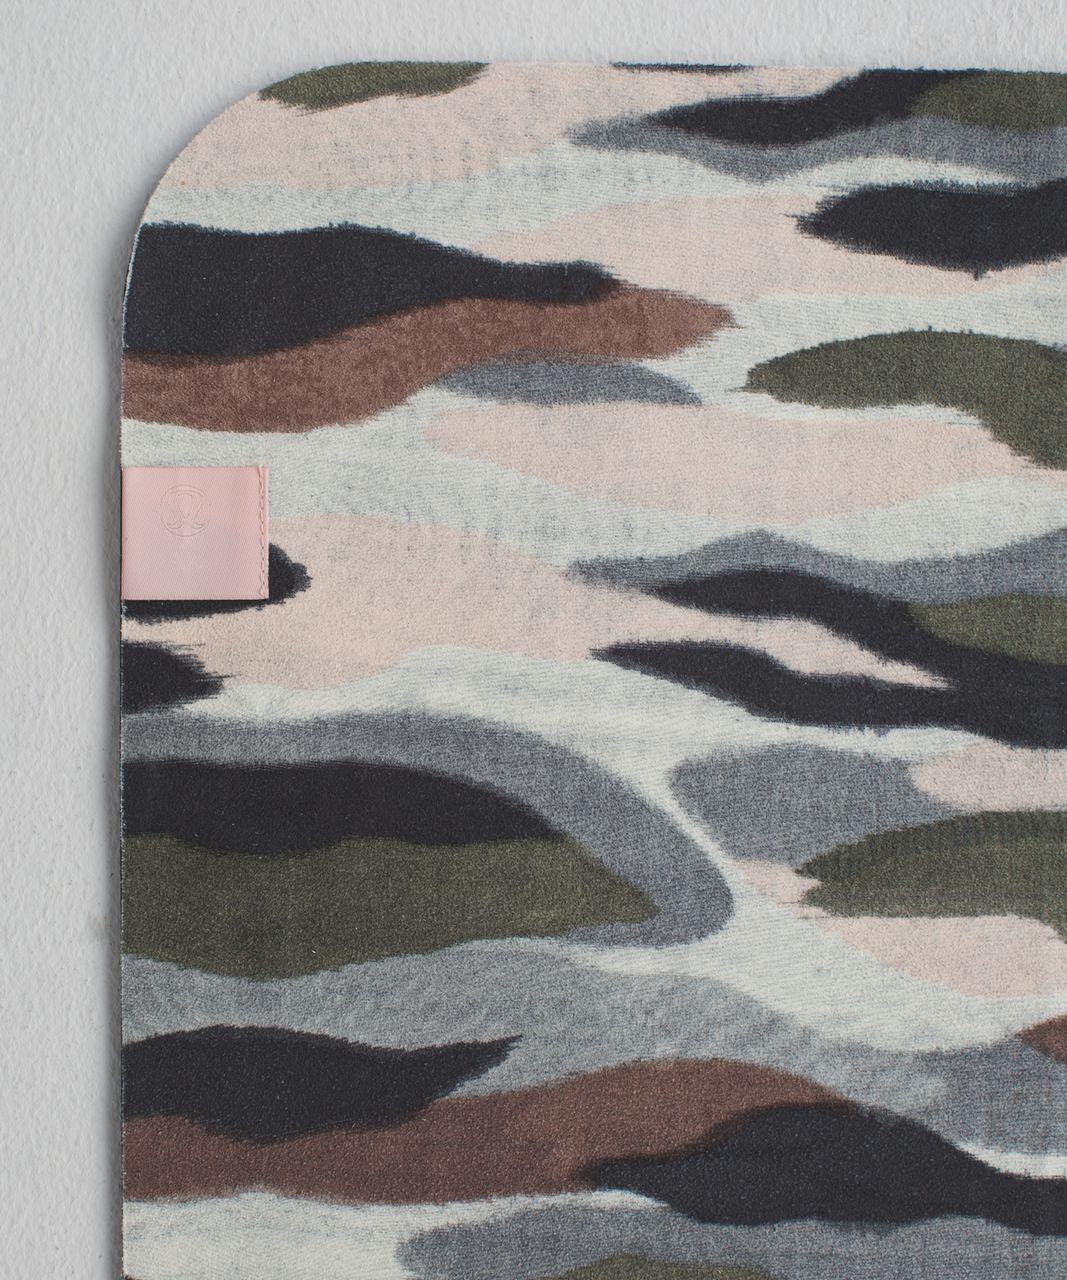 Lululemon The Towel - Coast Camo Butter Pink Multi